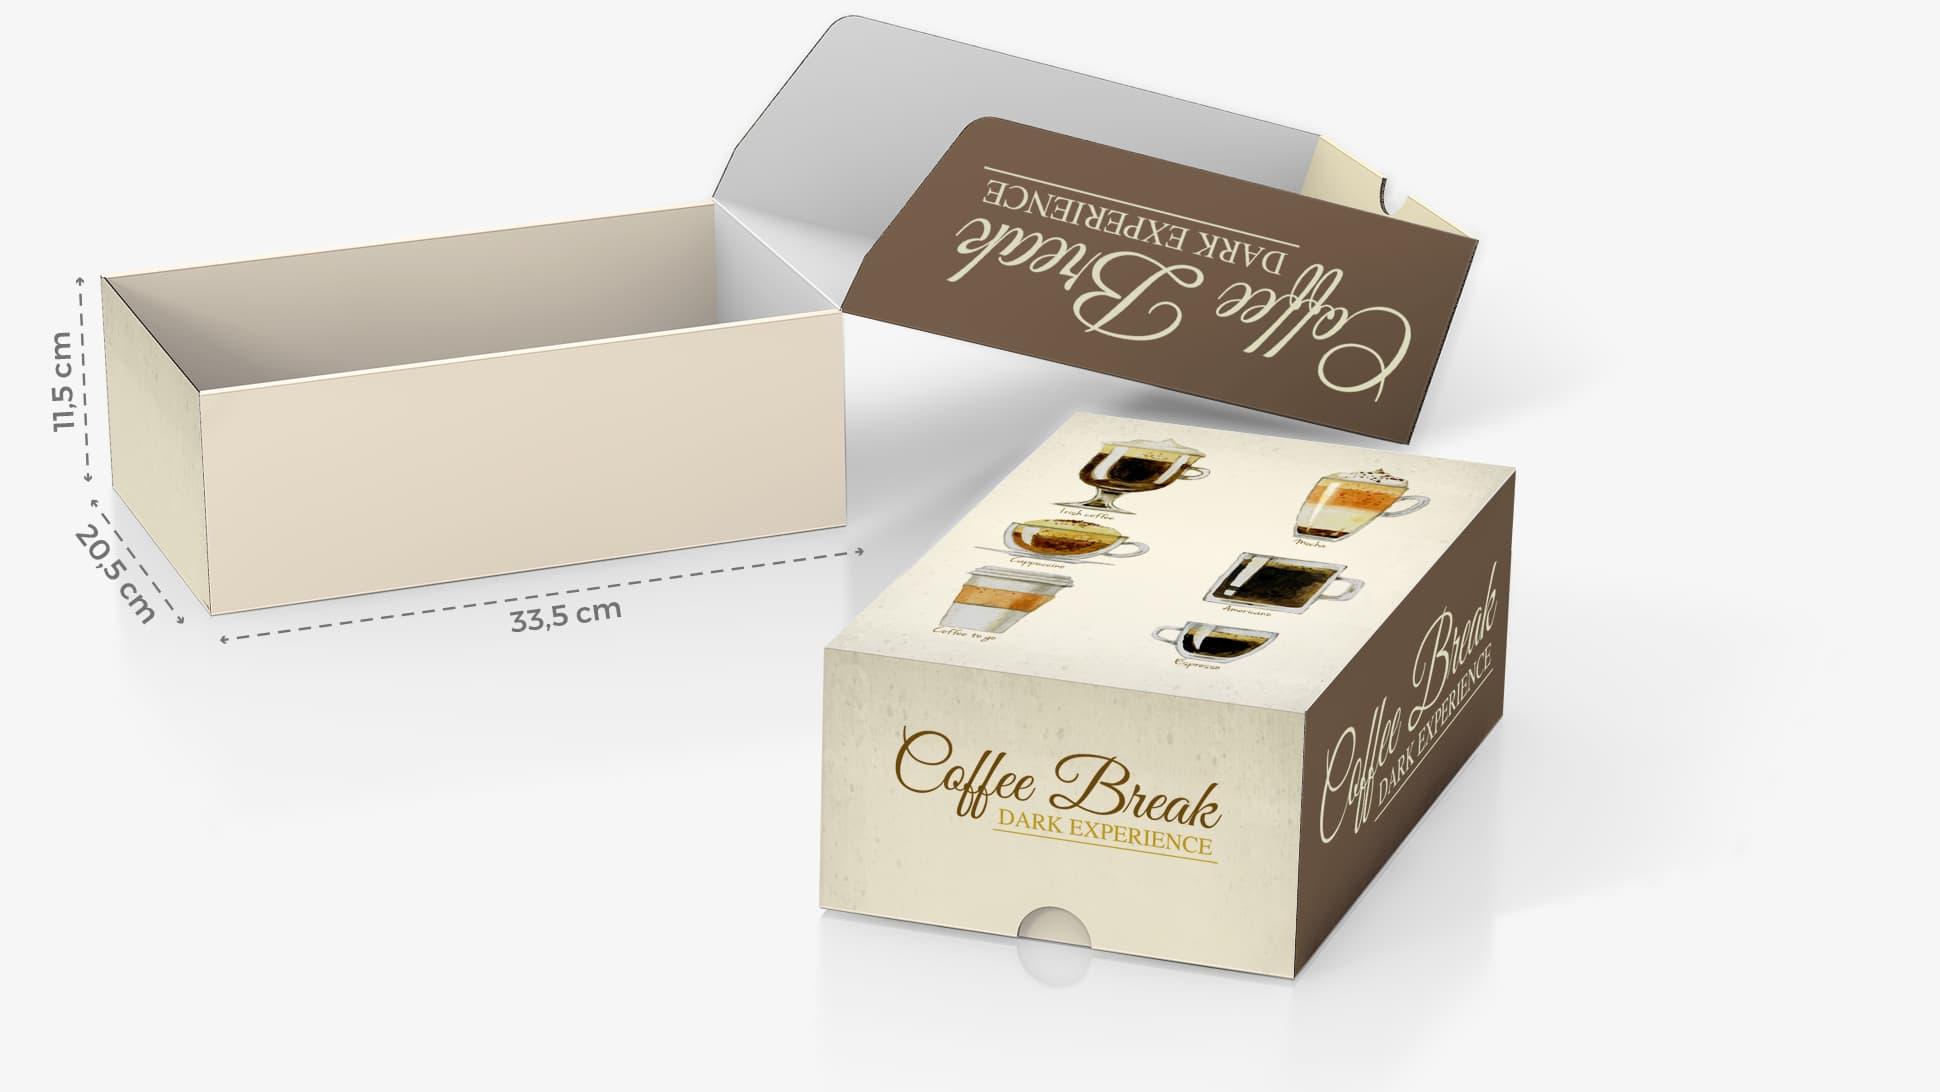 Scatola in cartone 33,5x11,5 cm con grafica caffè | tictac.it